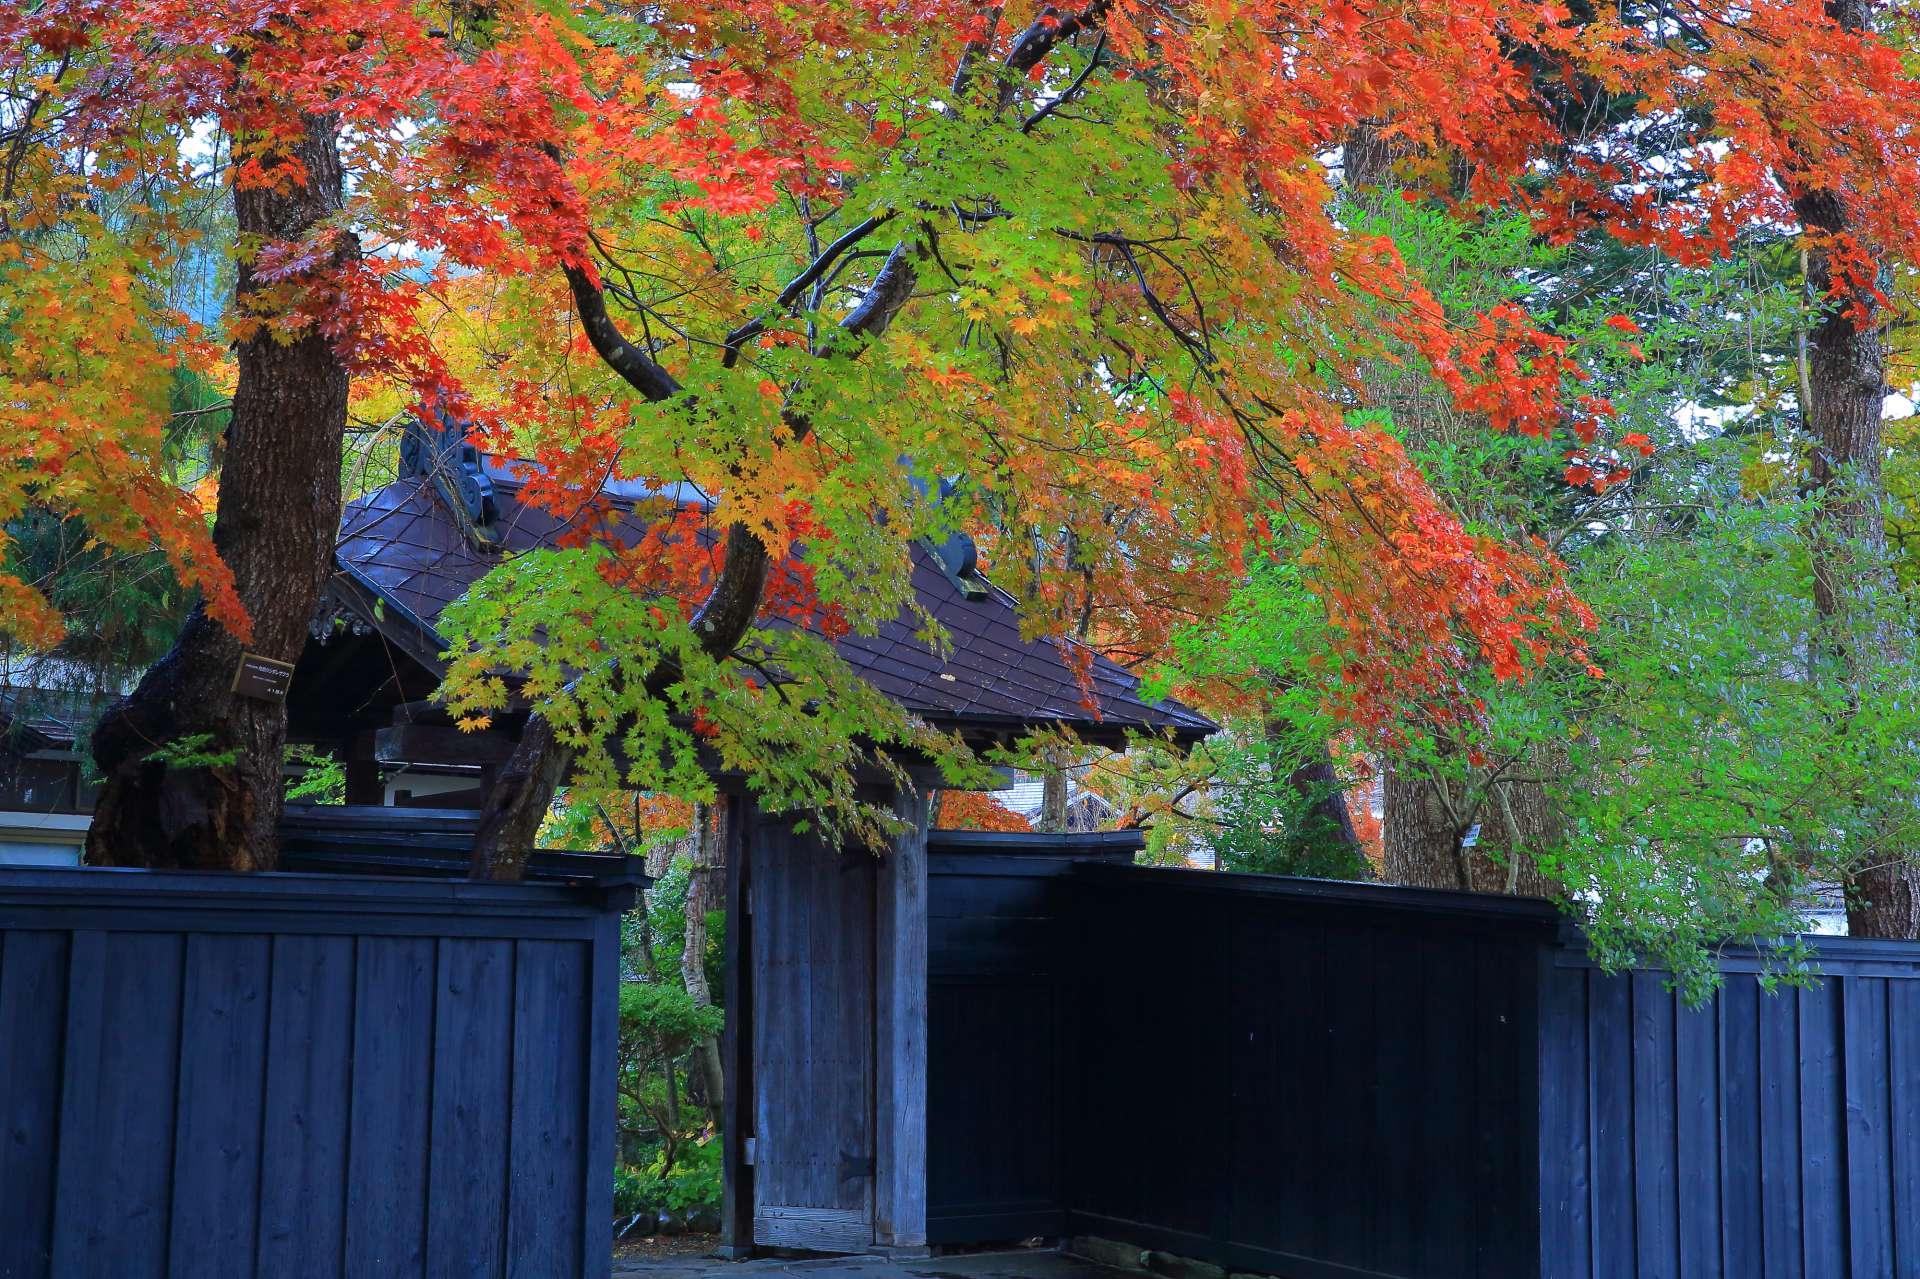 枫叶和黑墙形成红与黑的典雅搭配